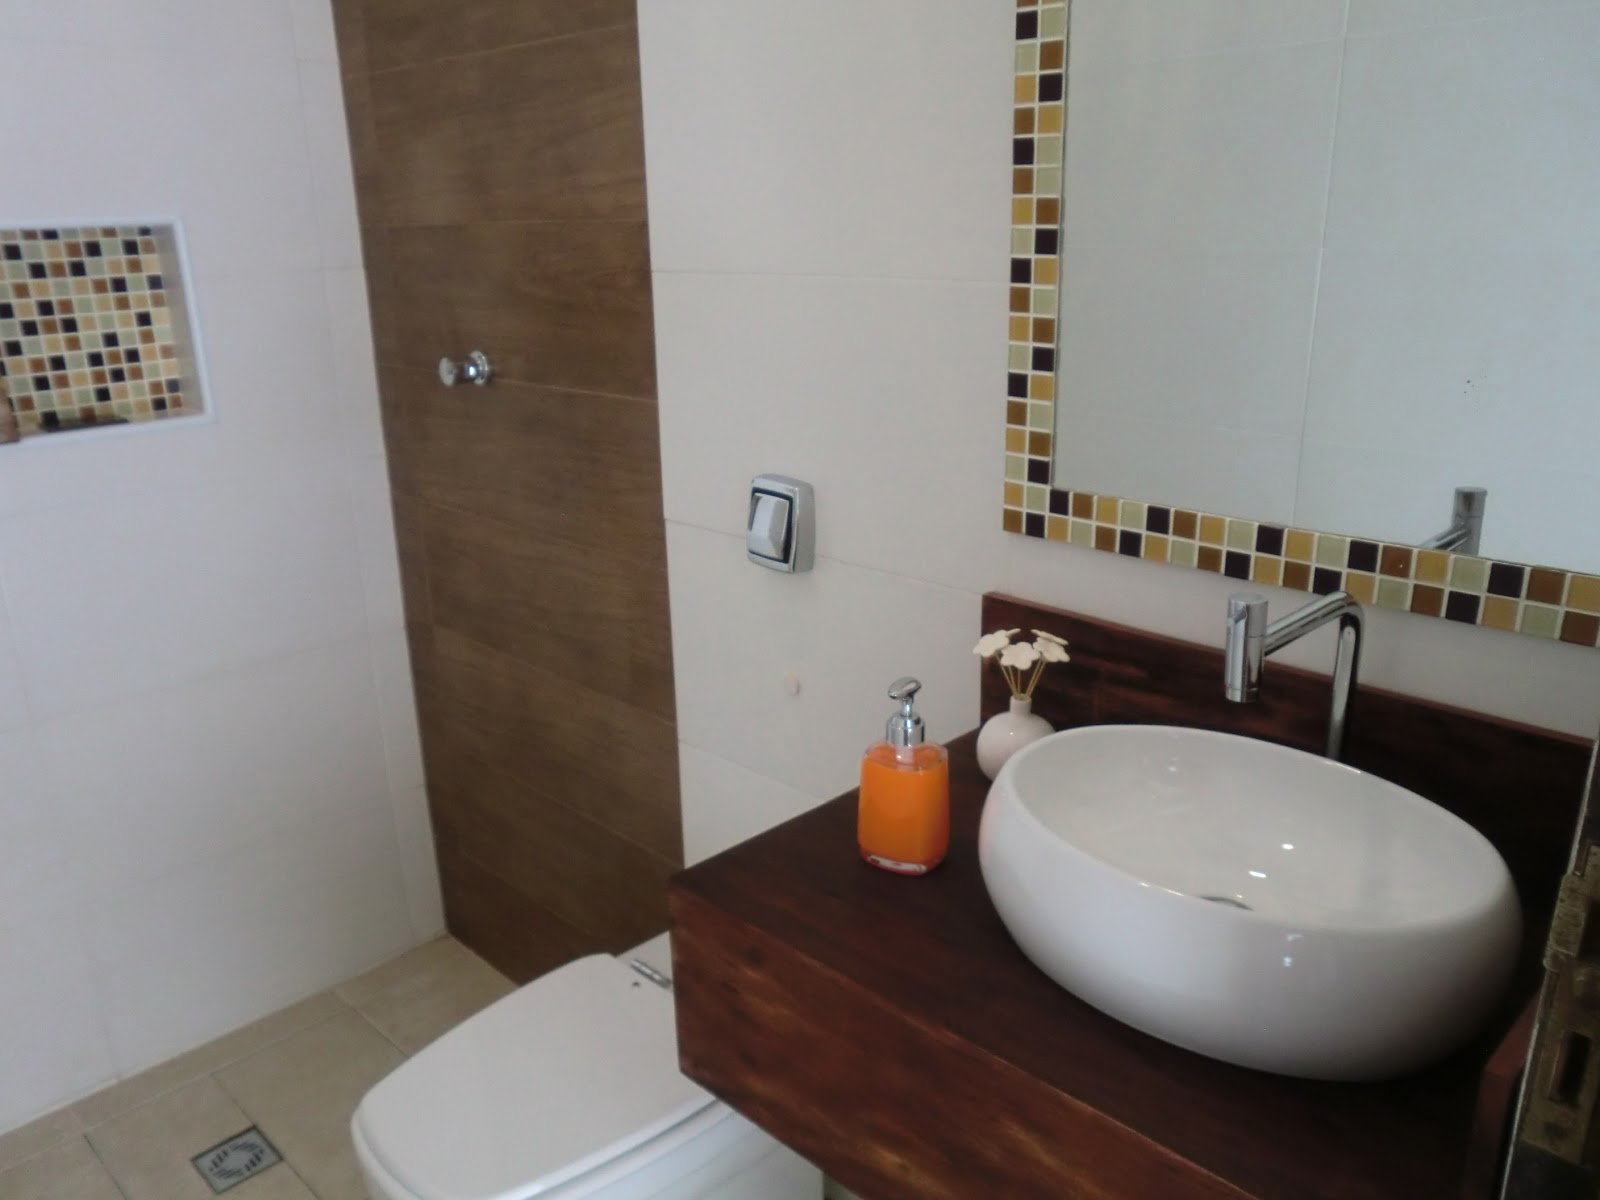 Imagens de #35251D bancada finalmente chegou e ja foi instalada . o espelho tambem  1600x1200 px 3698 Banheiros Prontos Fotos